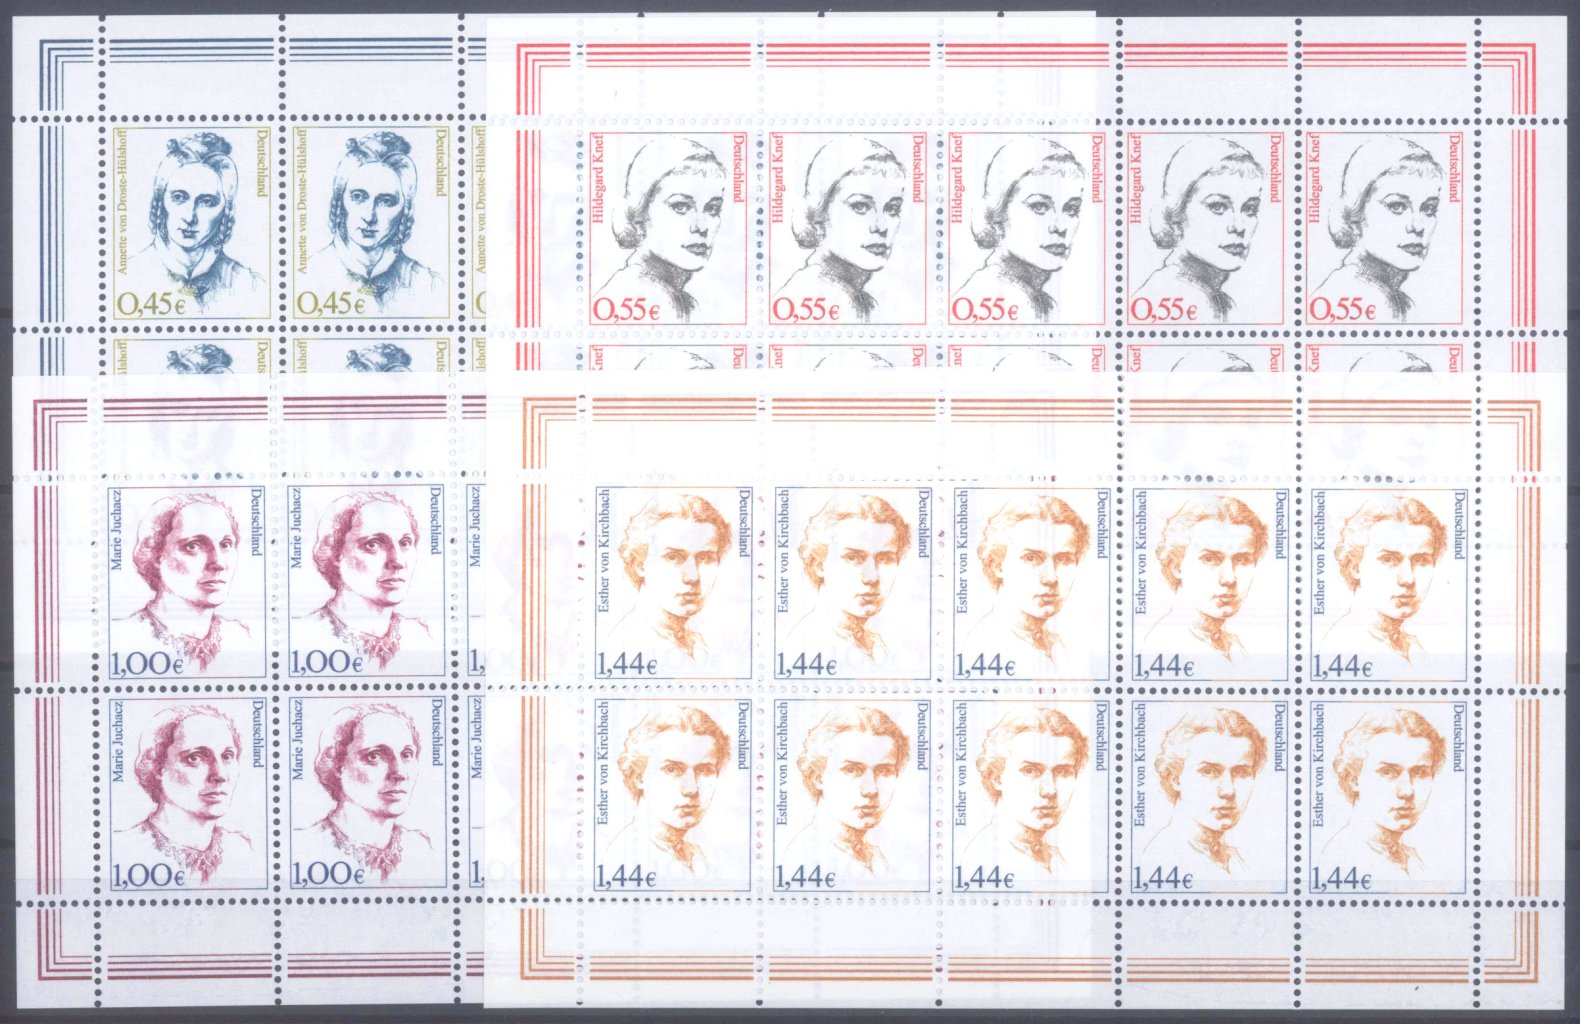 BUND 2002/2003, postfrische Nominale mit 34,- Euro